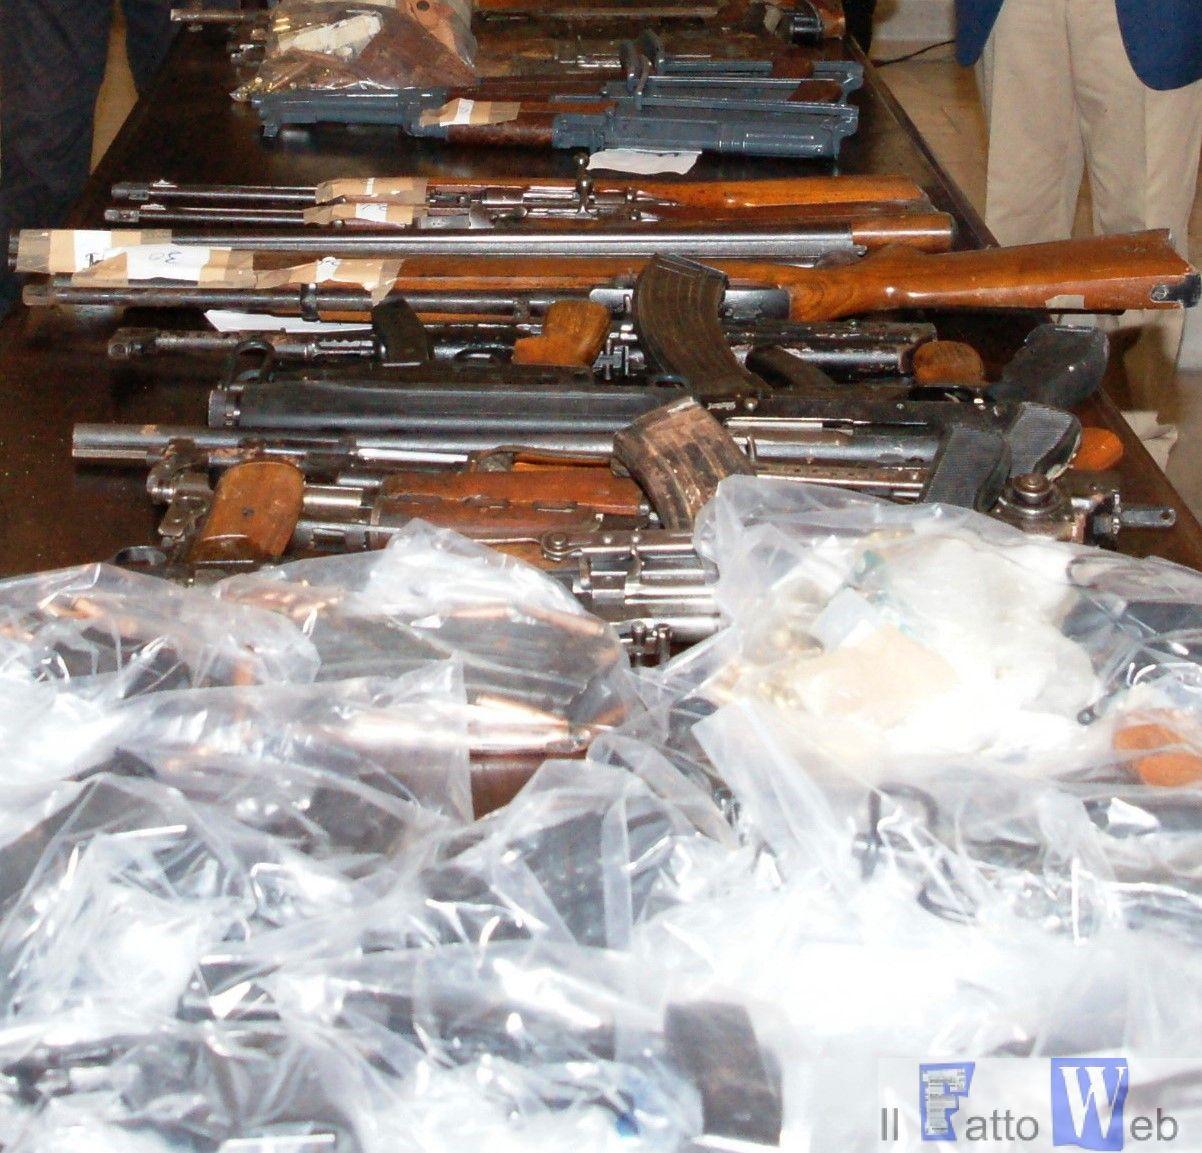 Carabinieri arrestano sei persone per associazione di stampo mafioso. Sequestrato un arsenale